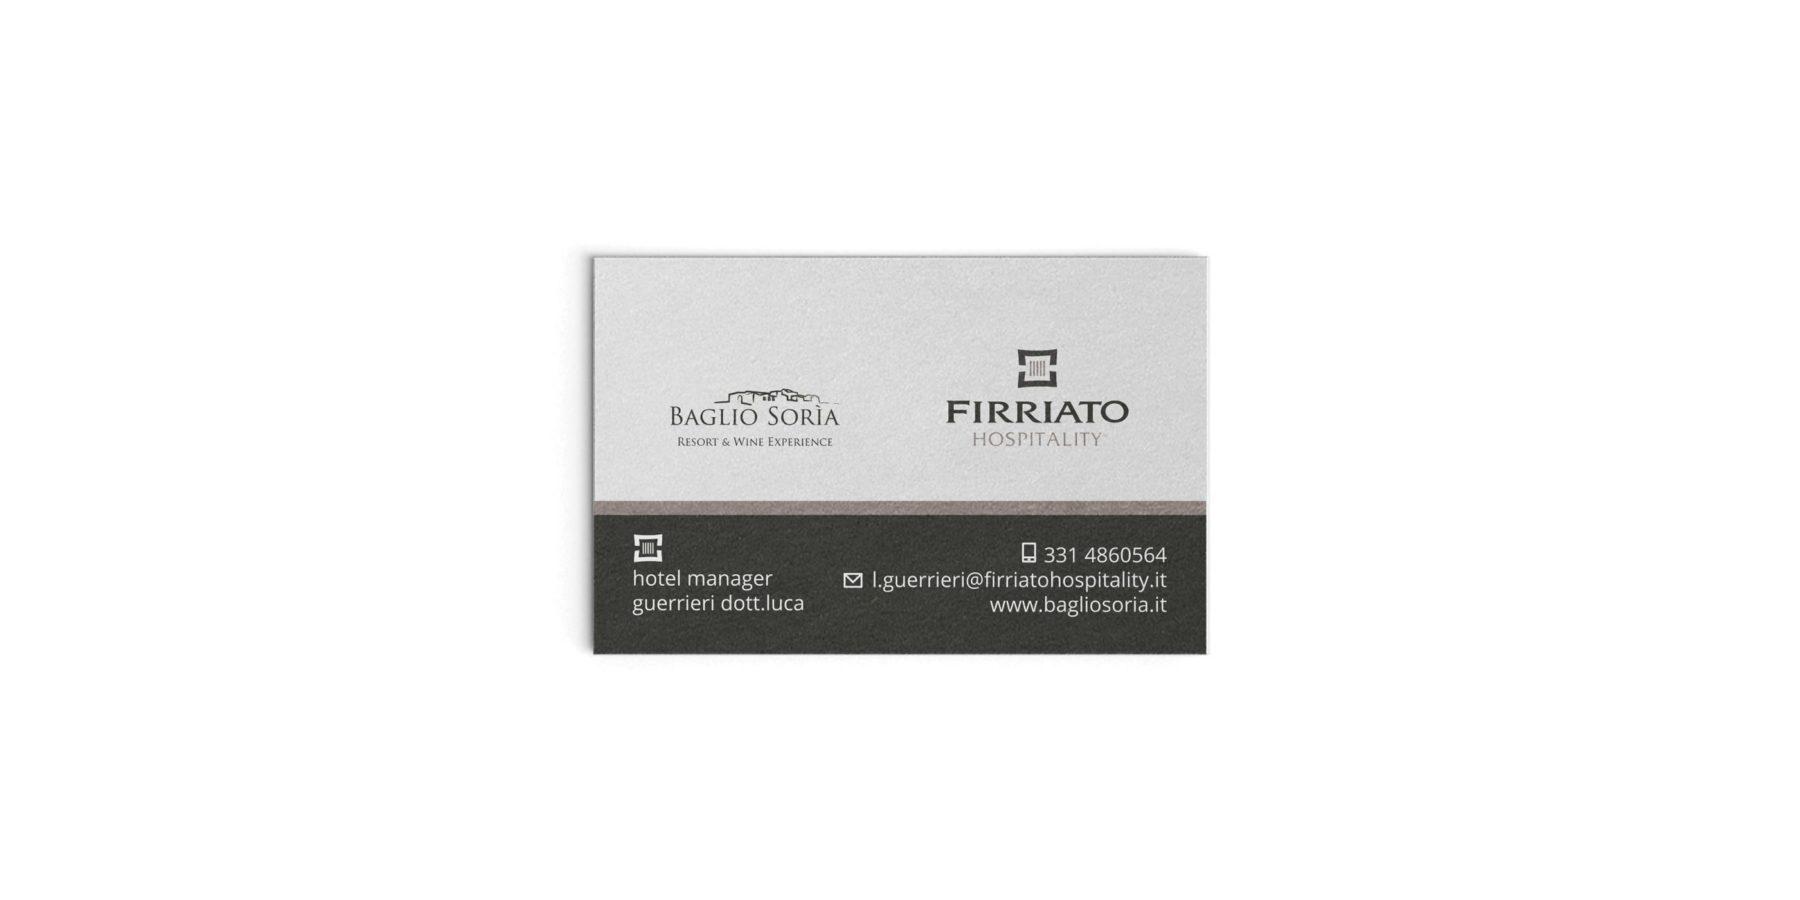 2015 - Direttore d'Albergo Baglio Soria, FIRRIATO Hospitality